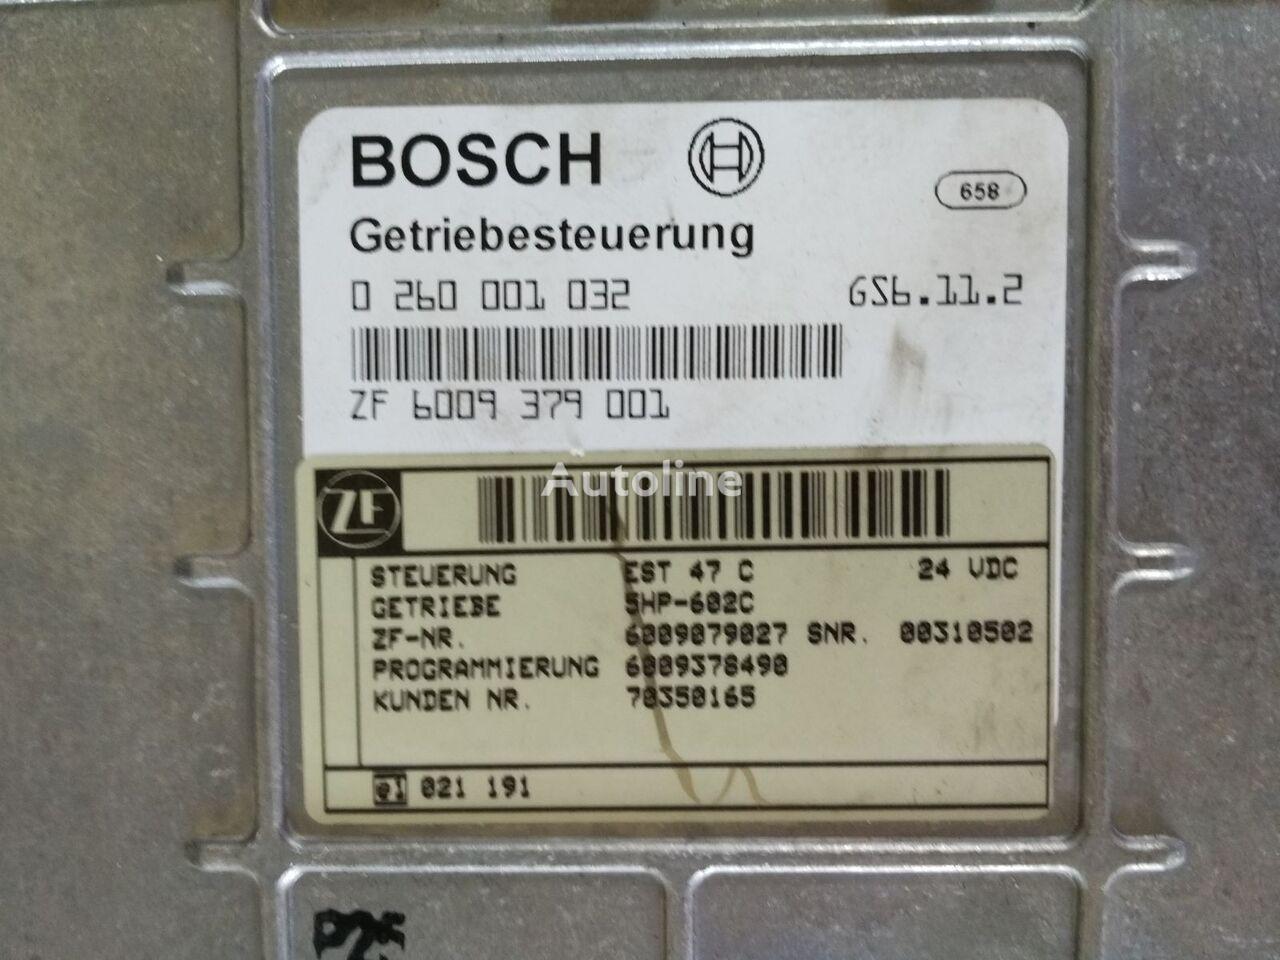 unidad de control BOSCH Korobkoy peredach ZF 5HP602 C para autobús